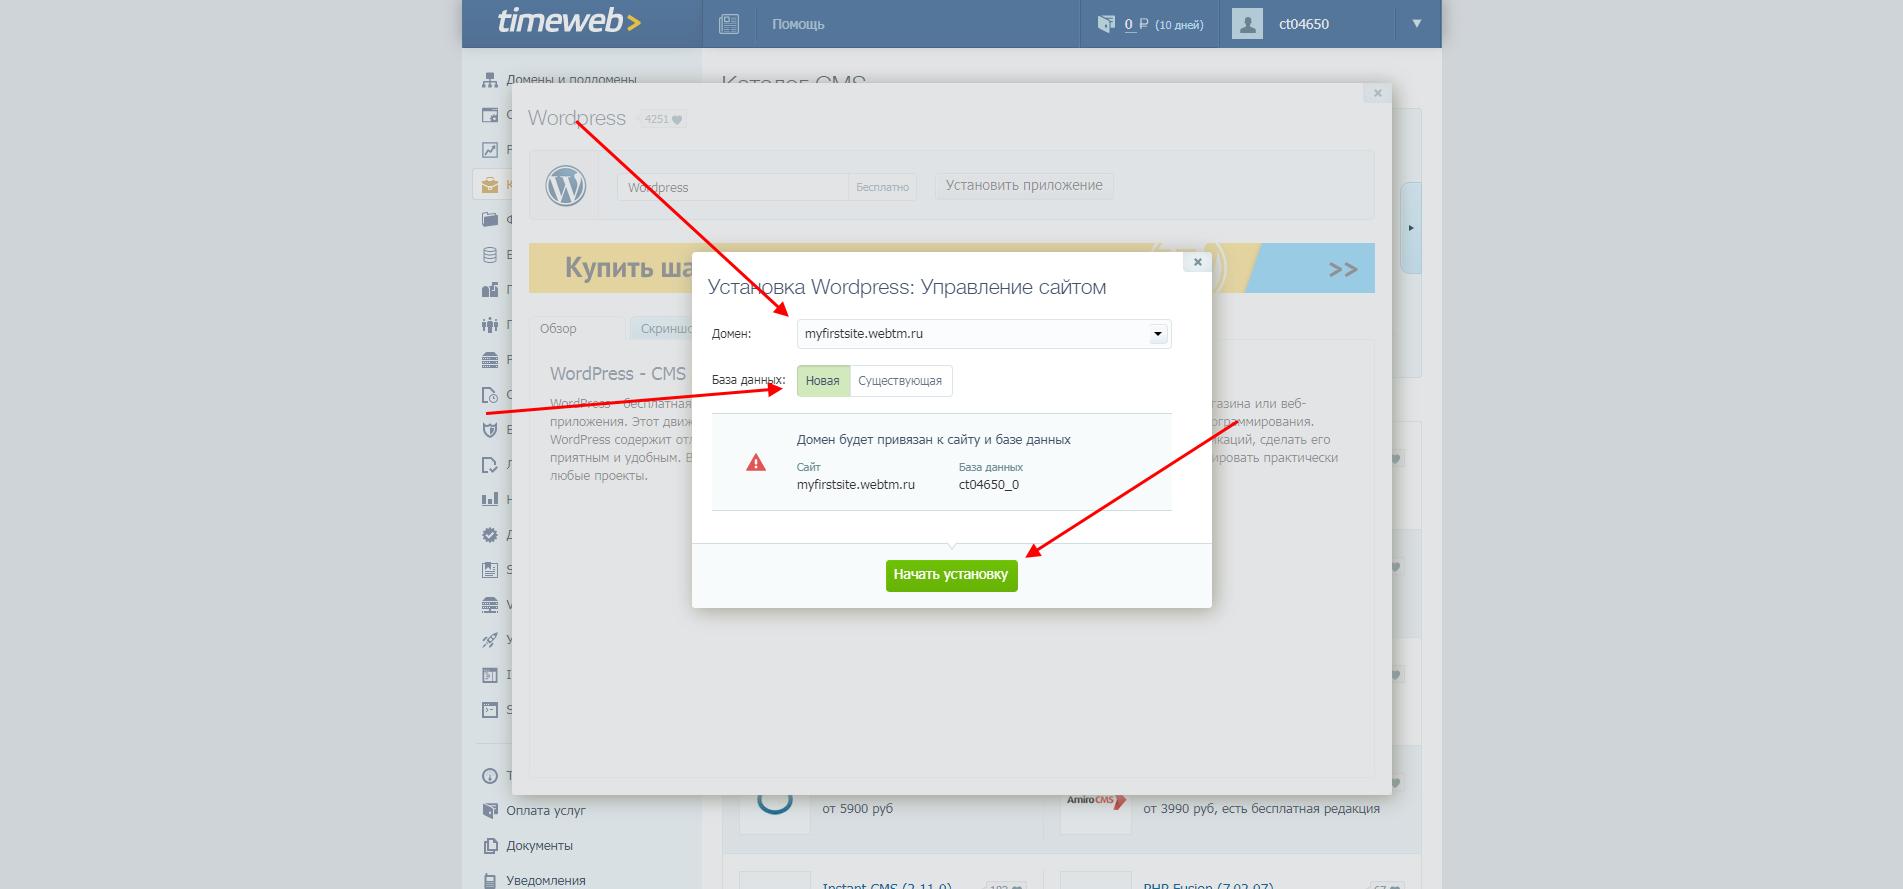 Как на хостинг Timeweb поставить WordPress